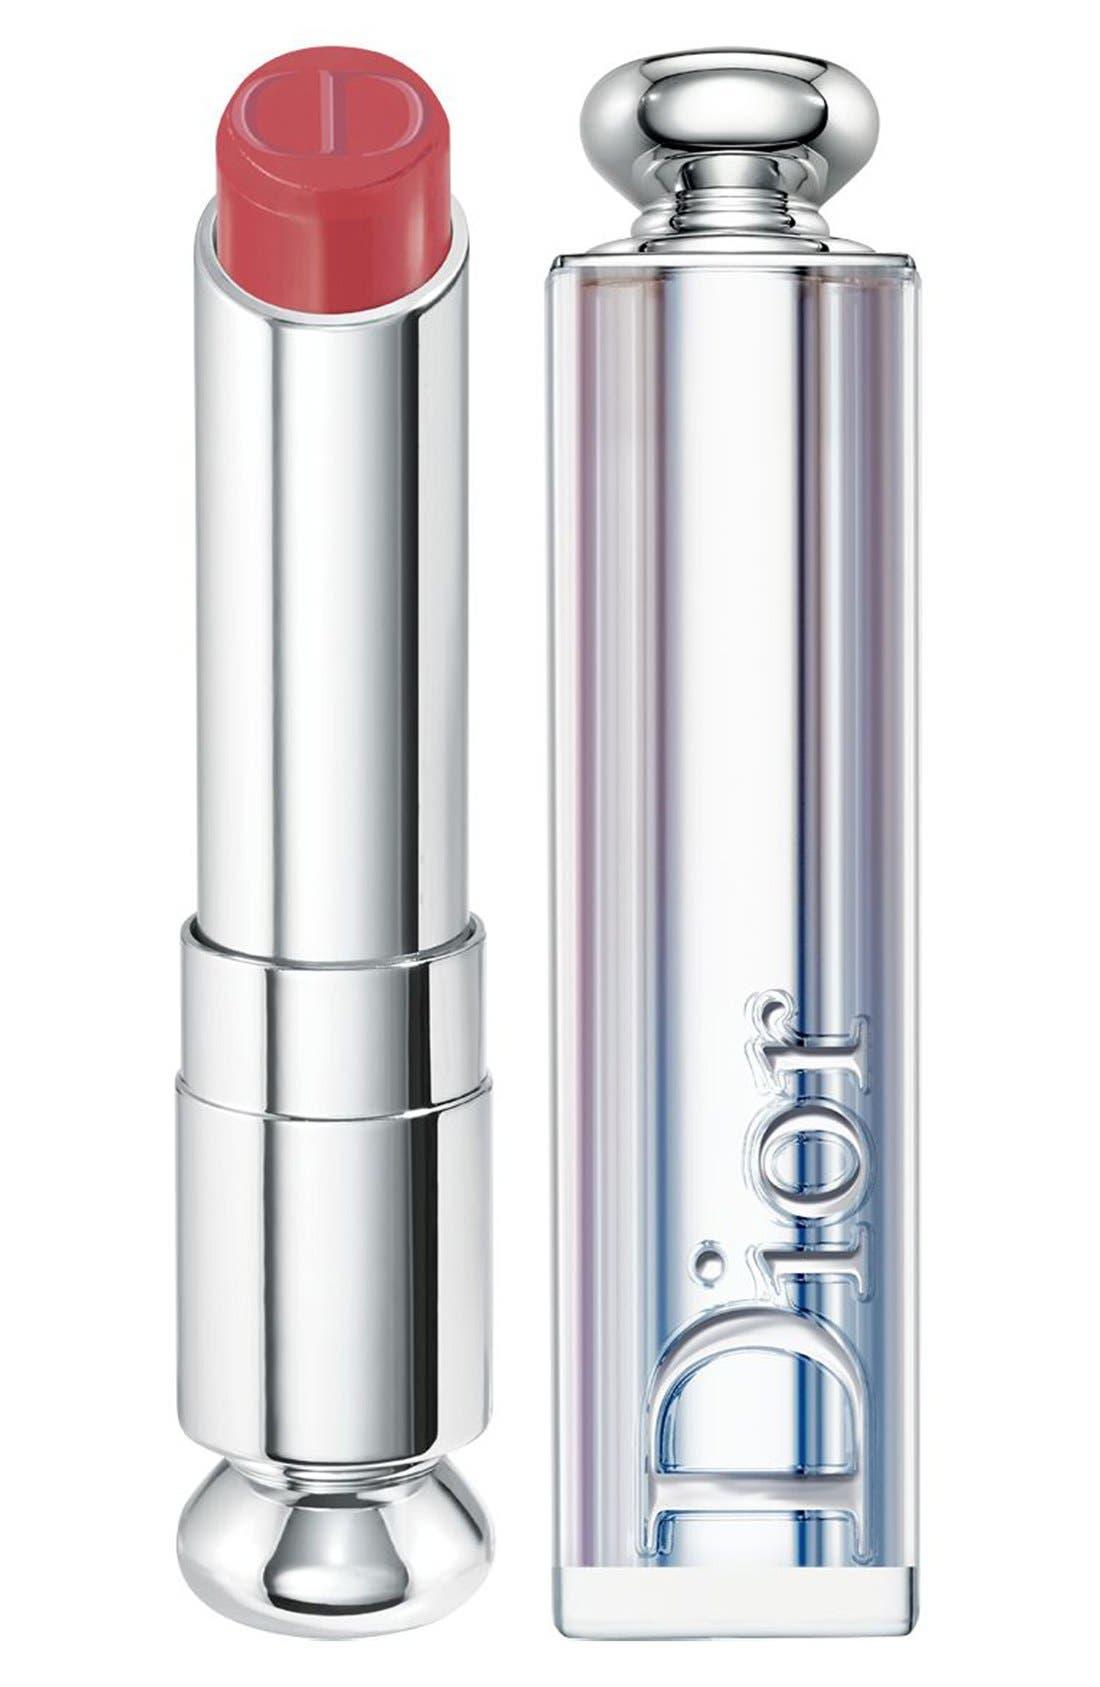 Dior Addict Hydra-Gel Core Mirror Shine Lipstick - 667 Avenue